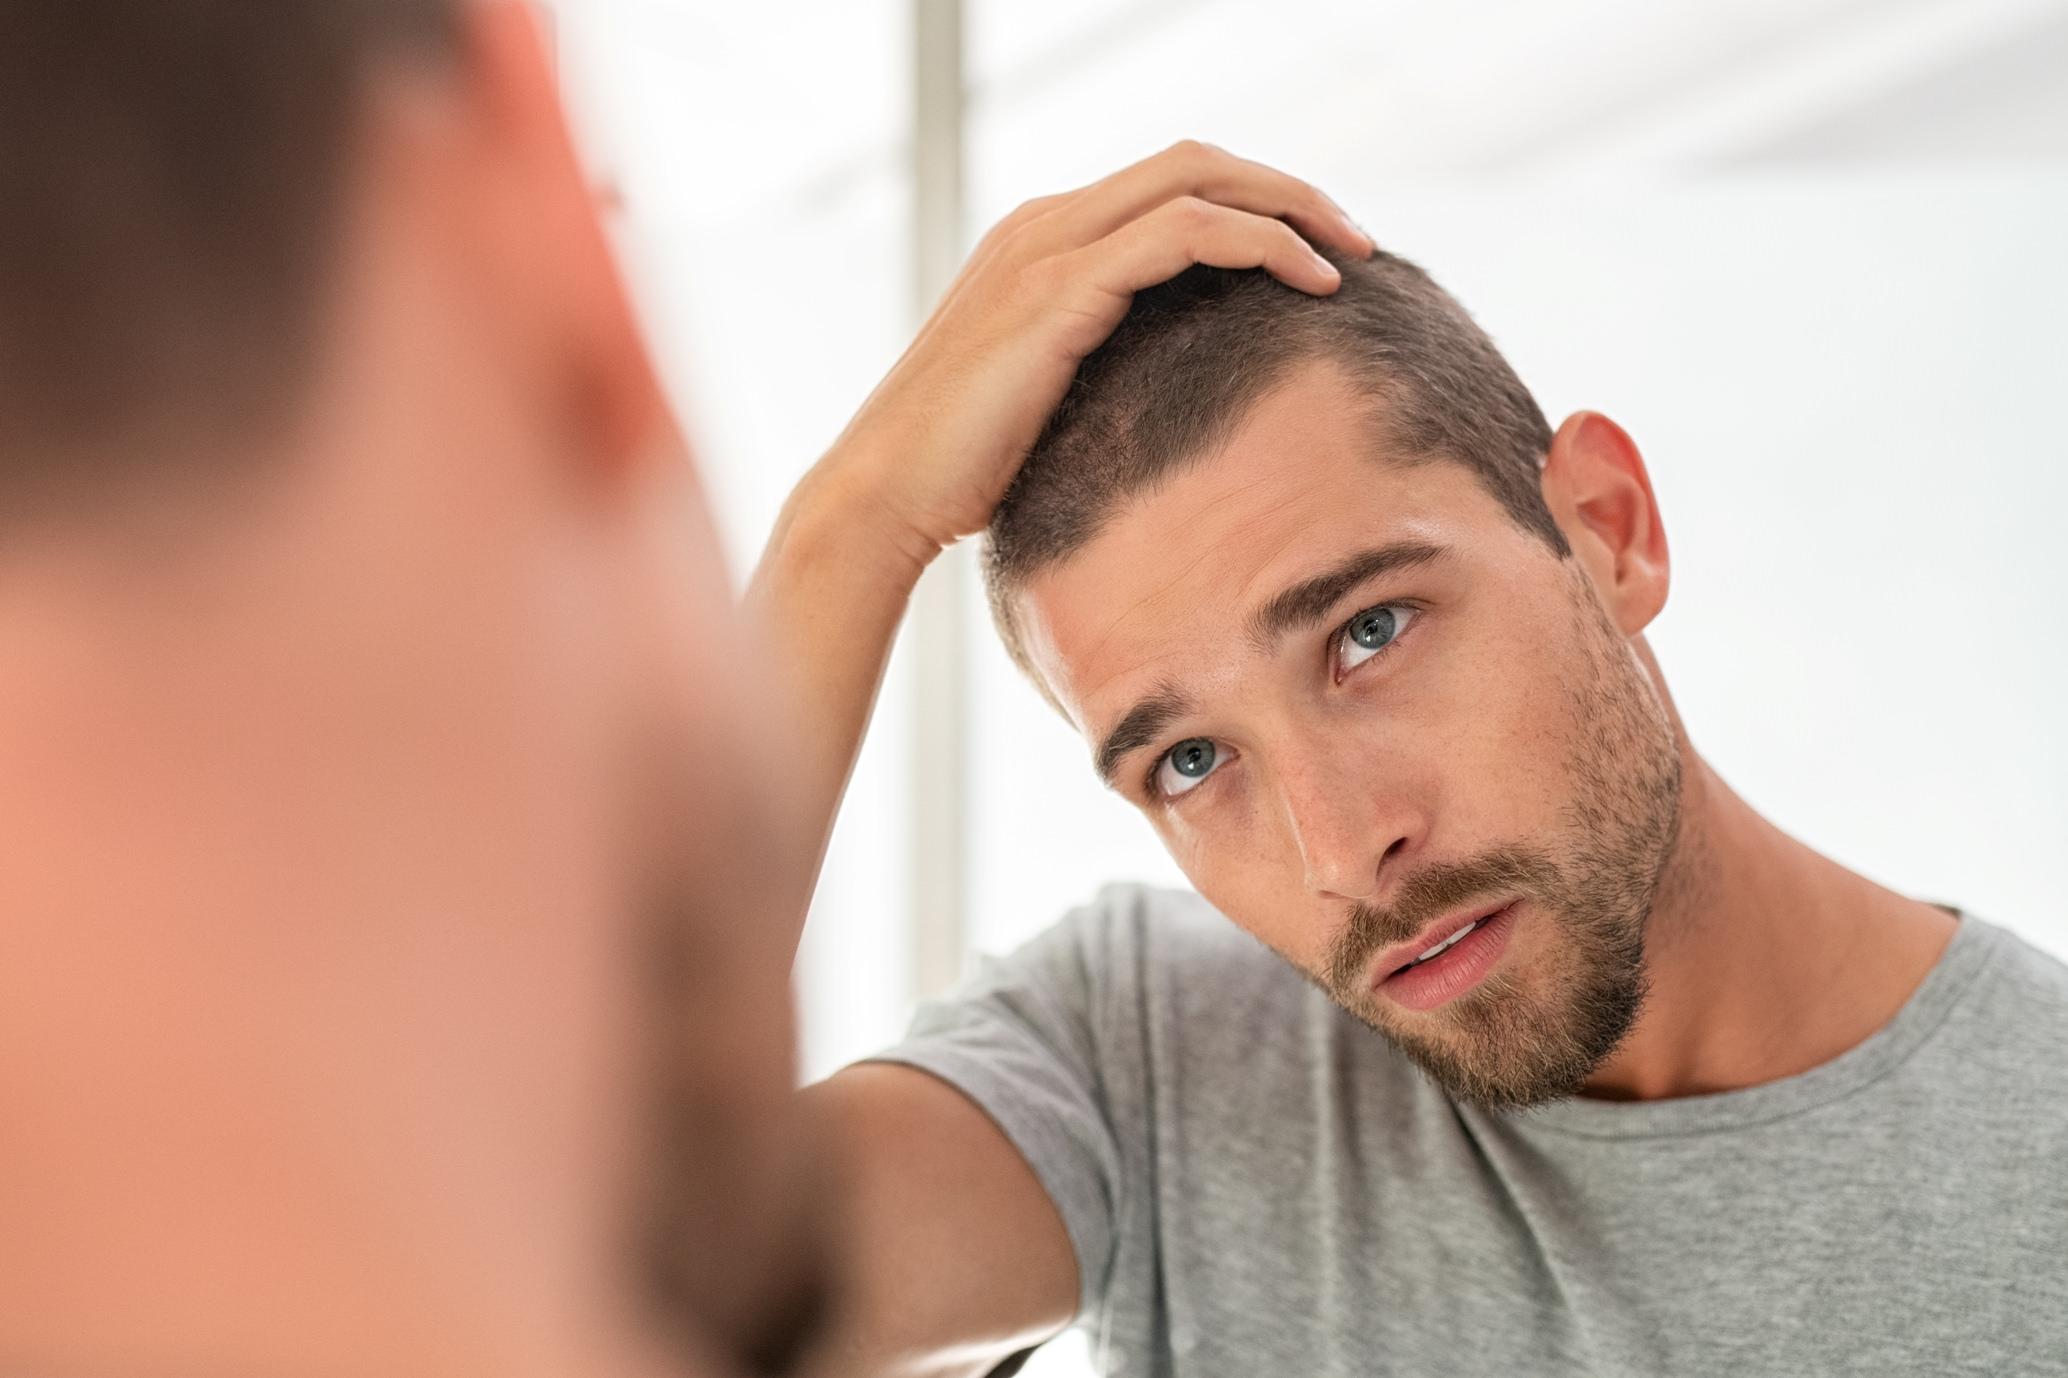 Alopecia e calvizie: il trapianto di capelli - Trapianto ...